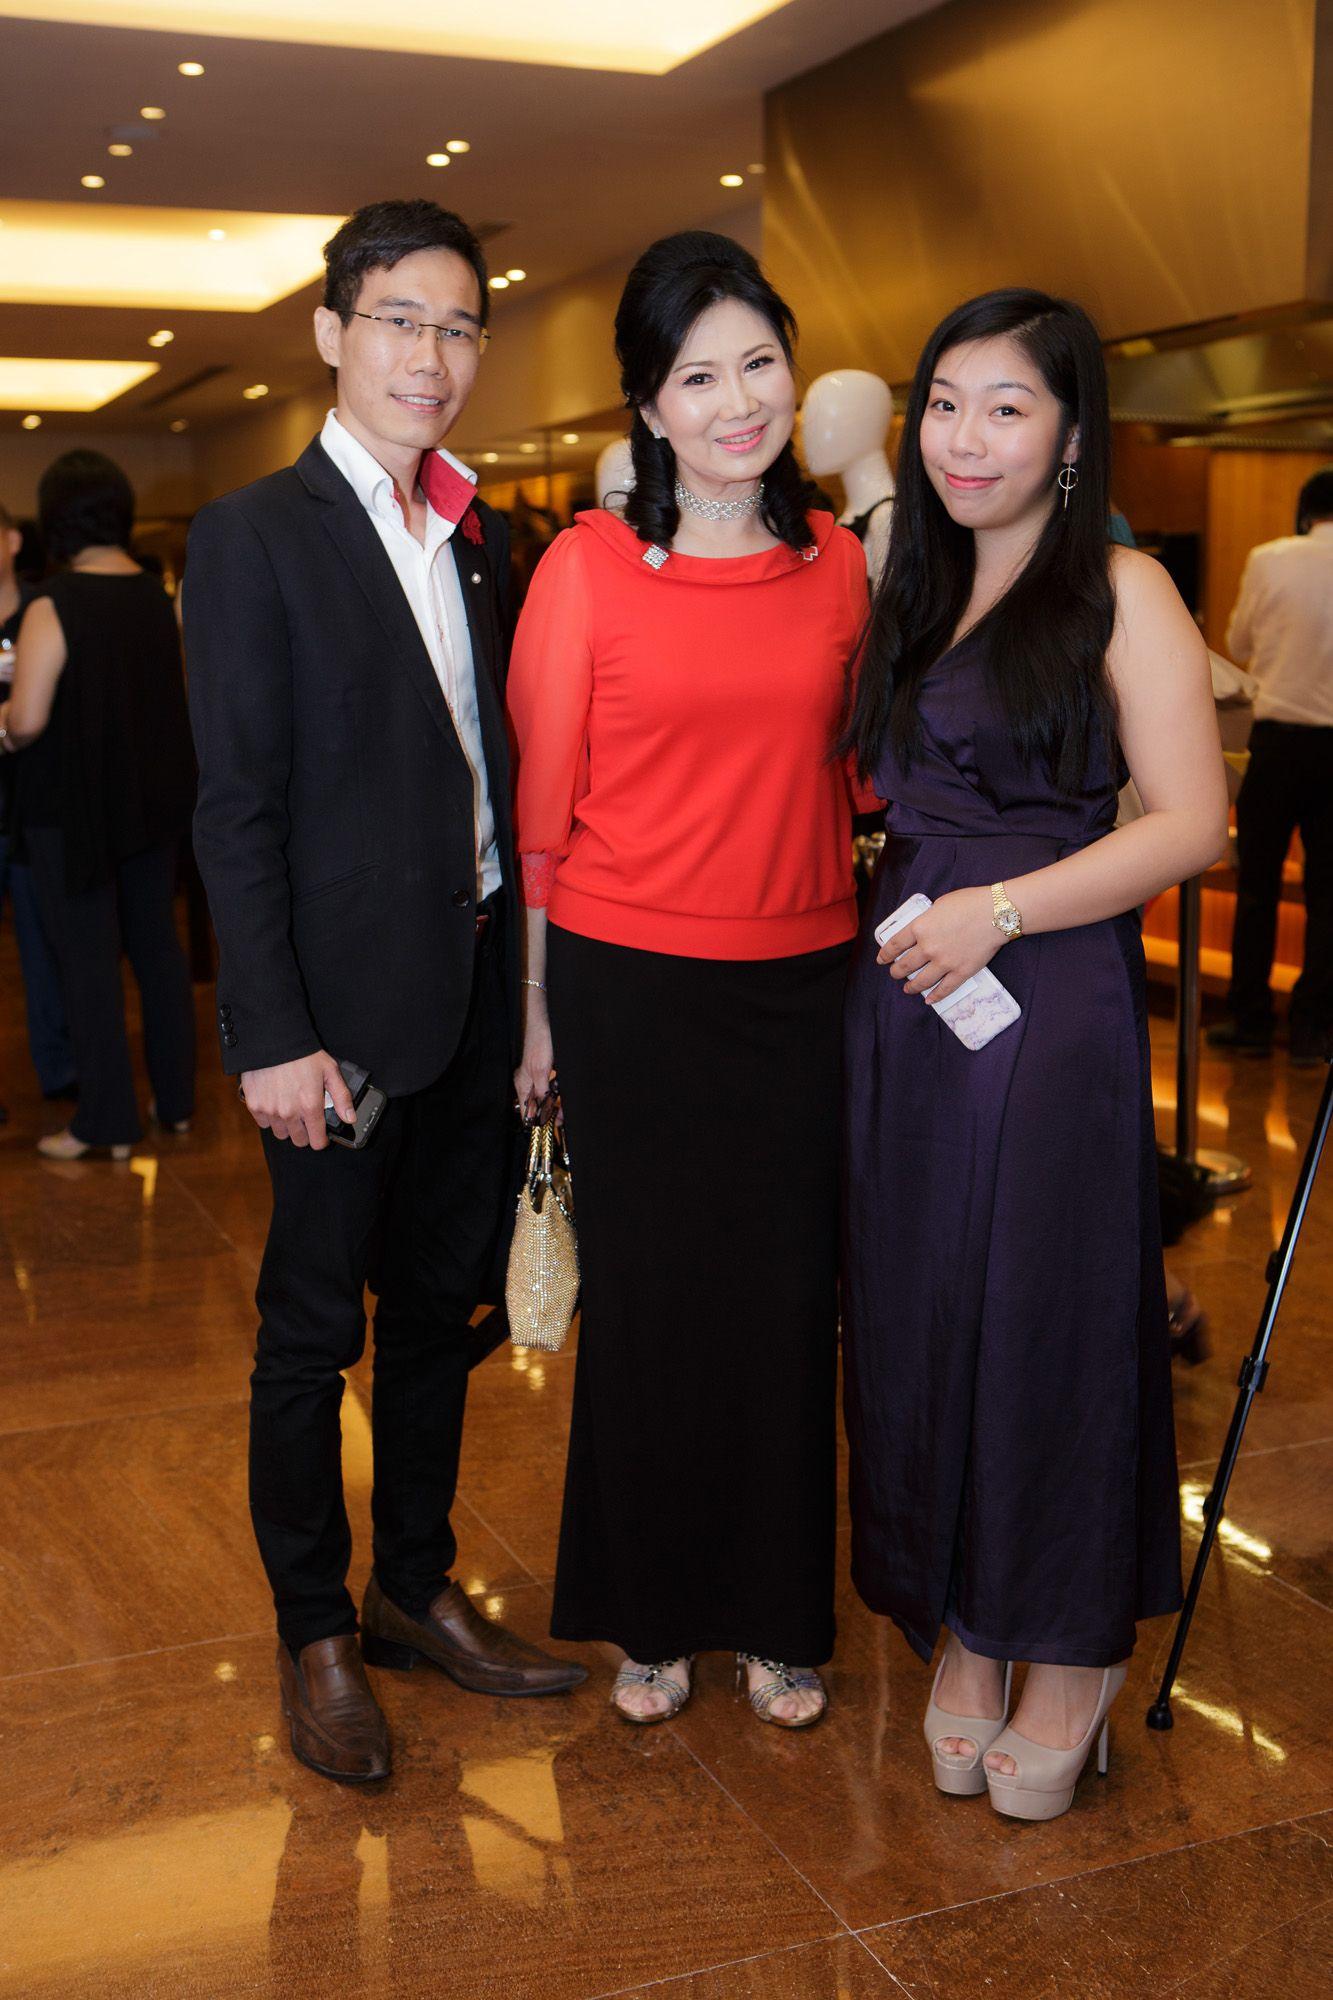 Melvin Sim, Terene Seow, Anna Chin